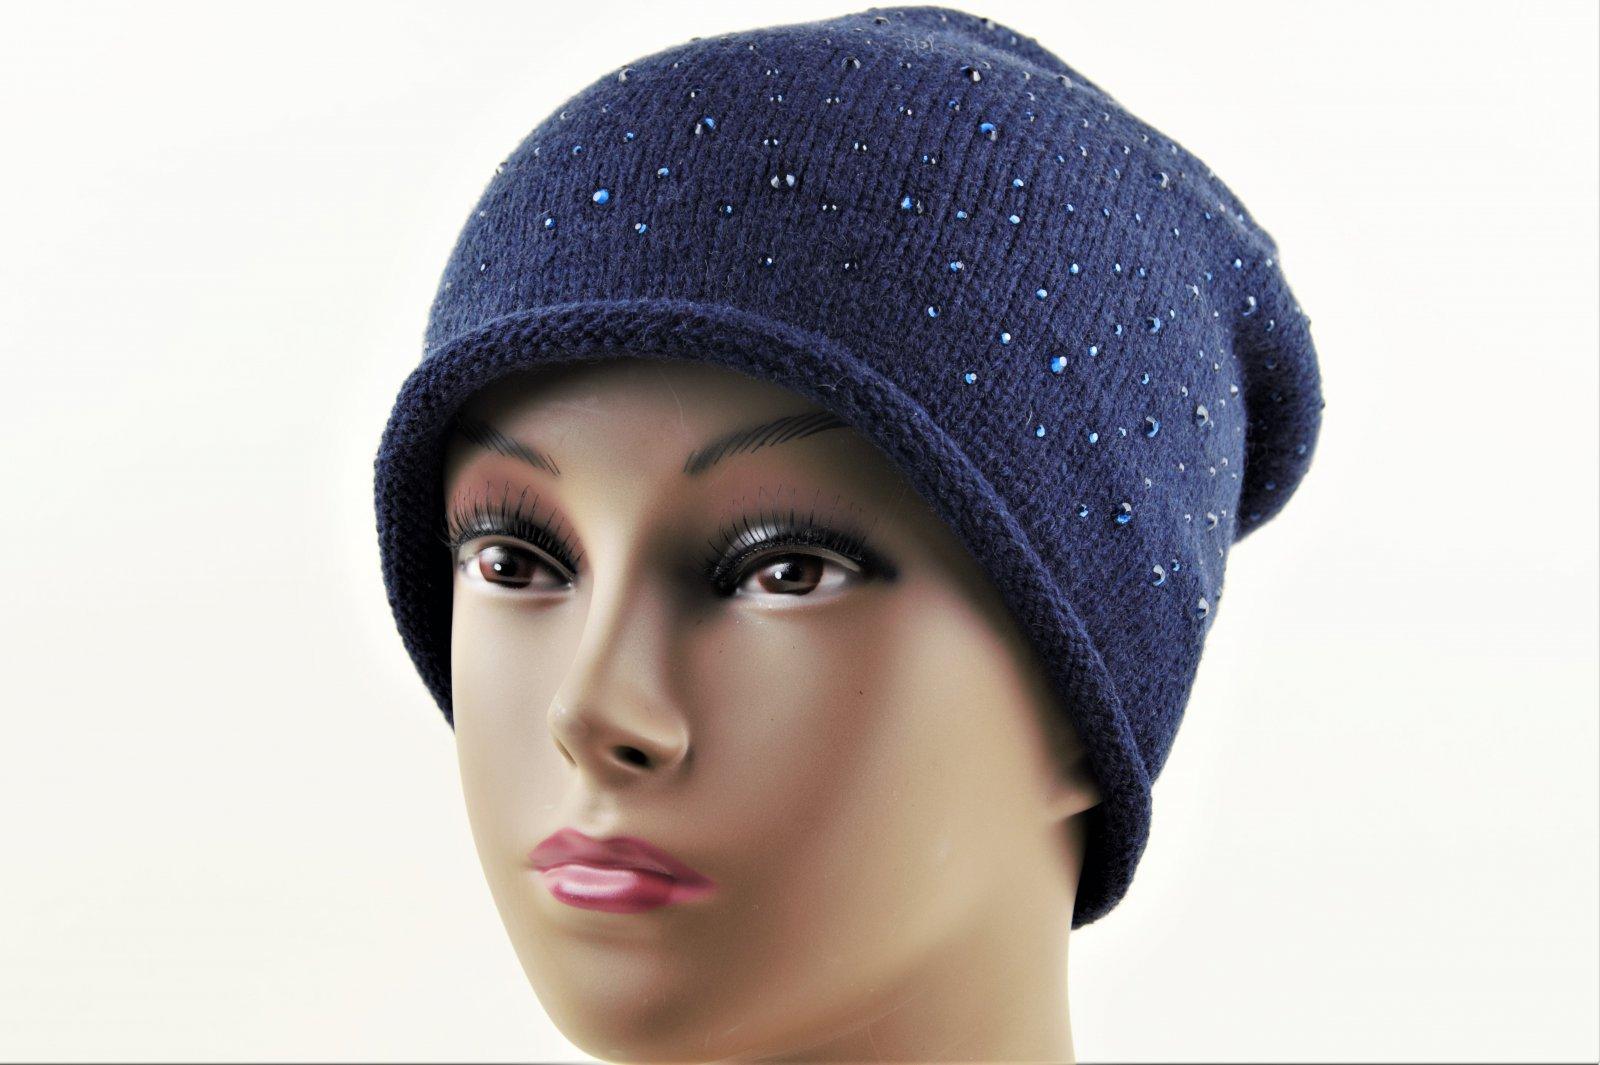 sehr schöne hochwertige Mütze für Damen mit Steinchen Strickmütze NEU